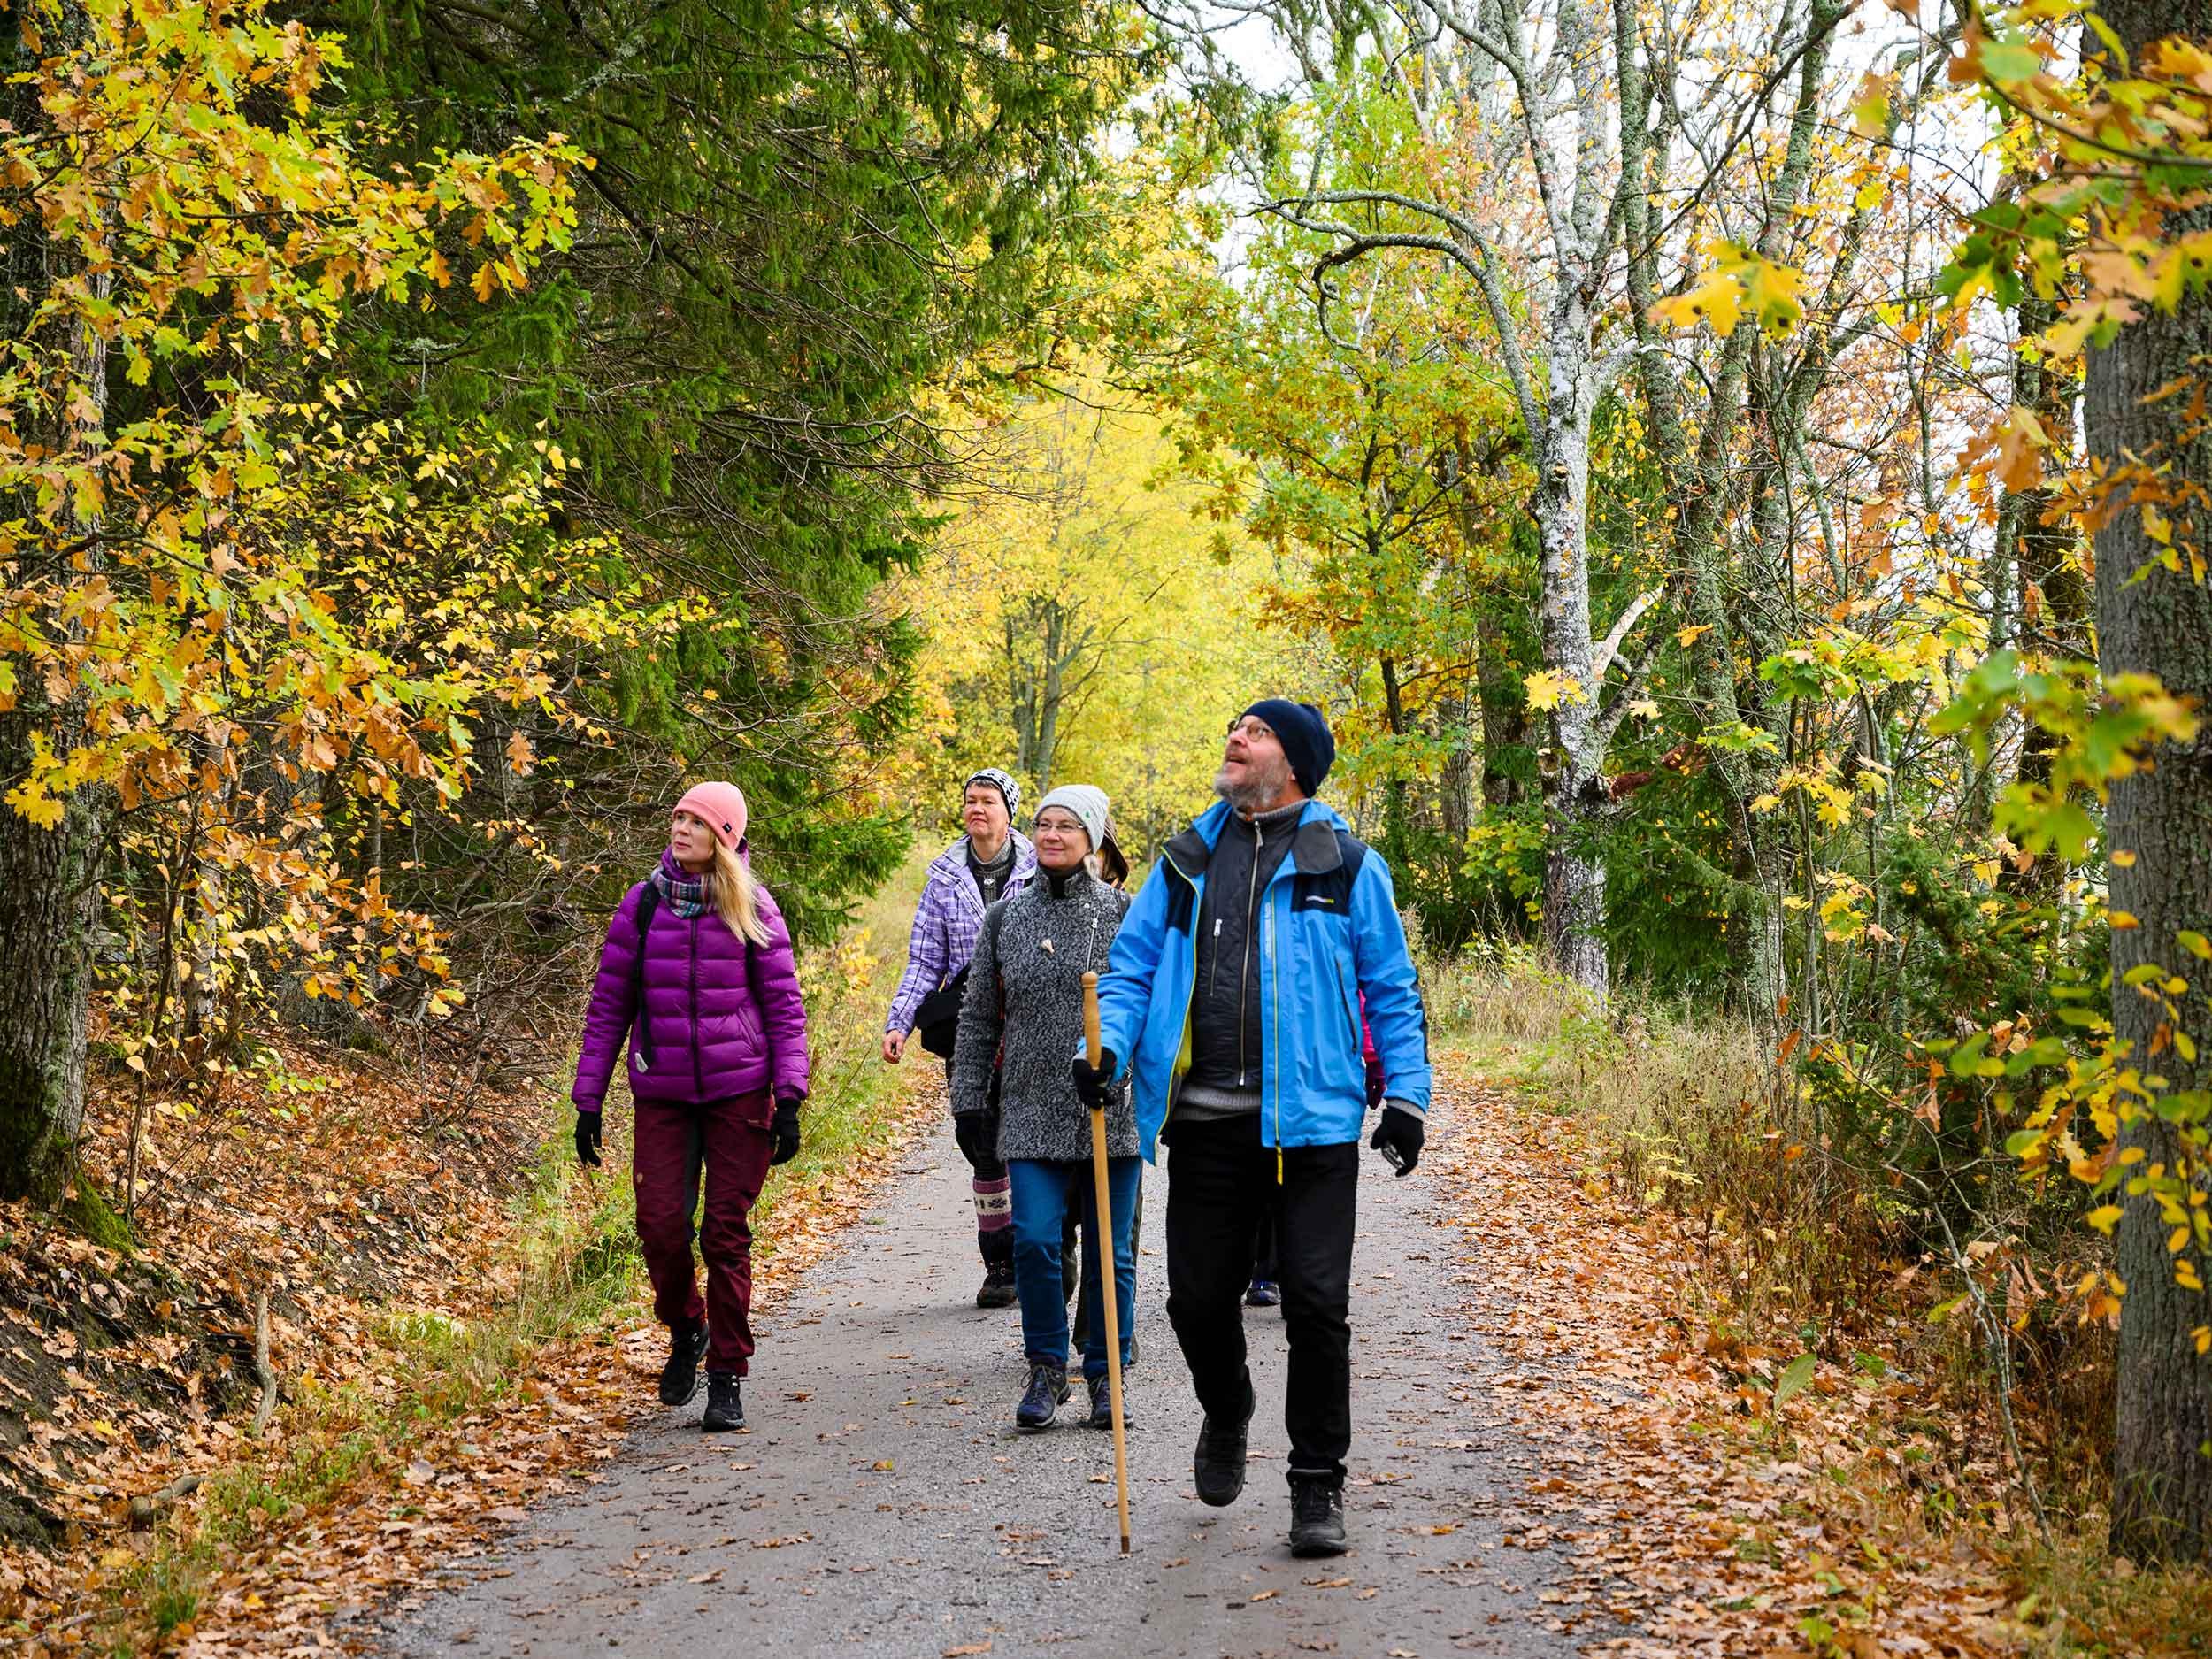 Aaro Söderlund, Nina Söderlund, Annastiina Papinaho ja Mia Aitokari kehittävät uusia vaellusreittejä ja palveluja niiden varrelle.